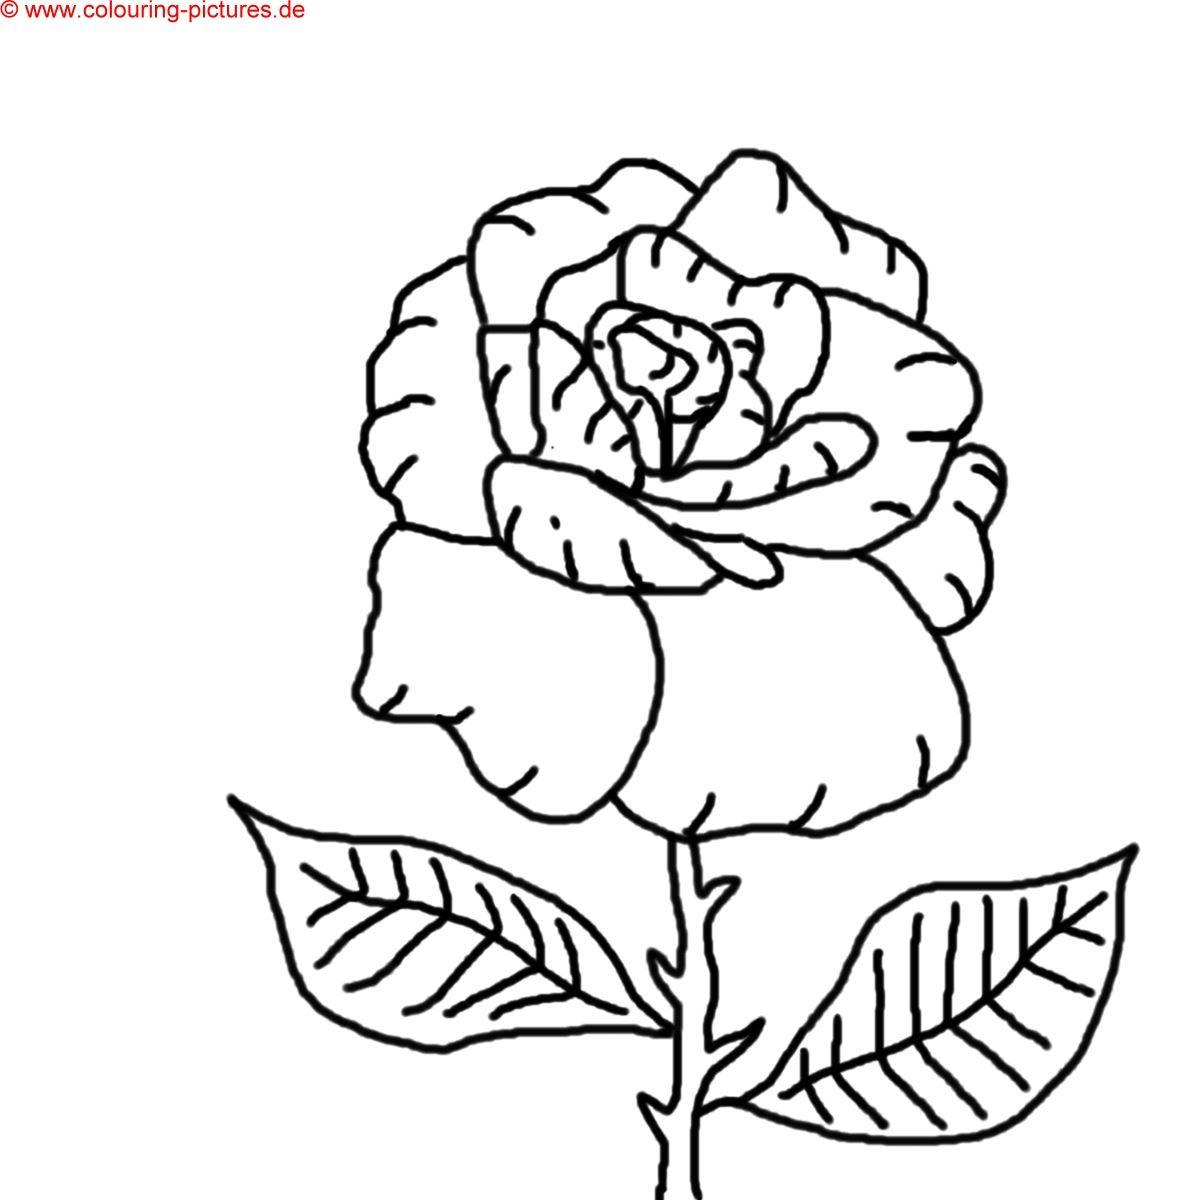 malbilder zum ausdrucken flower coloring pinterest malbilder zum ausdrucken und ausdrucken. Black Bedroom Furniture Sets. Home Design Ideas